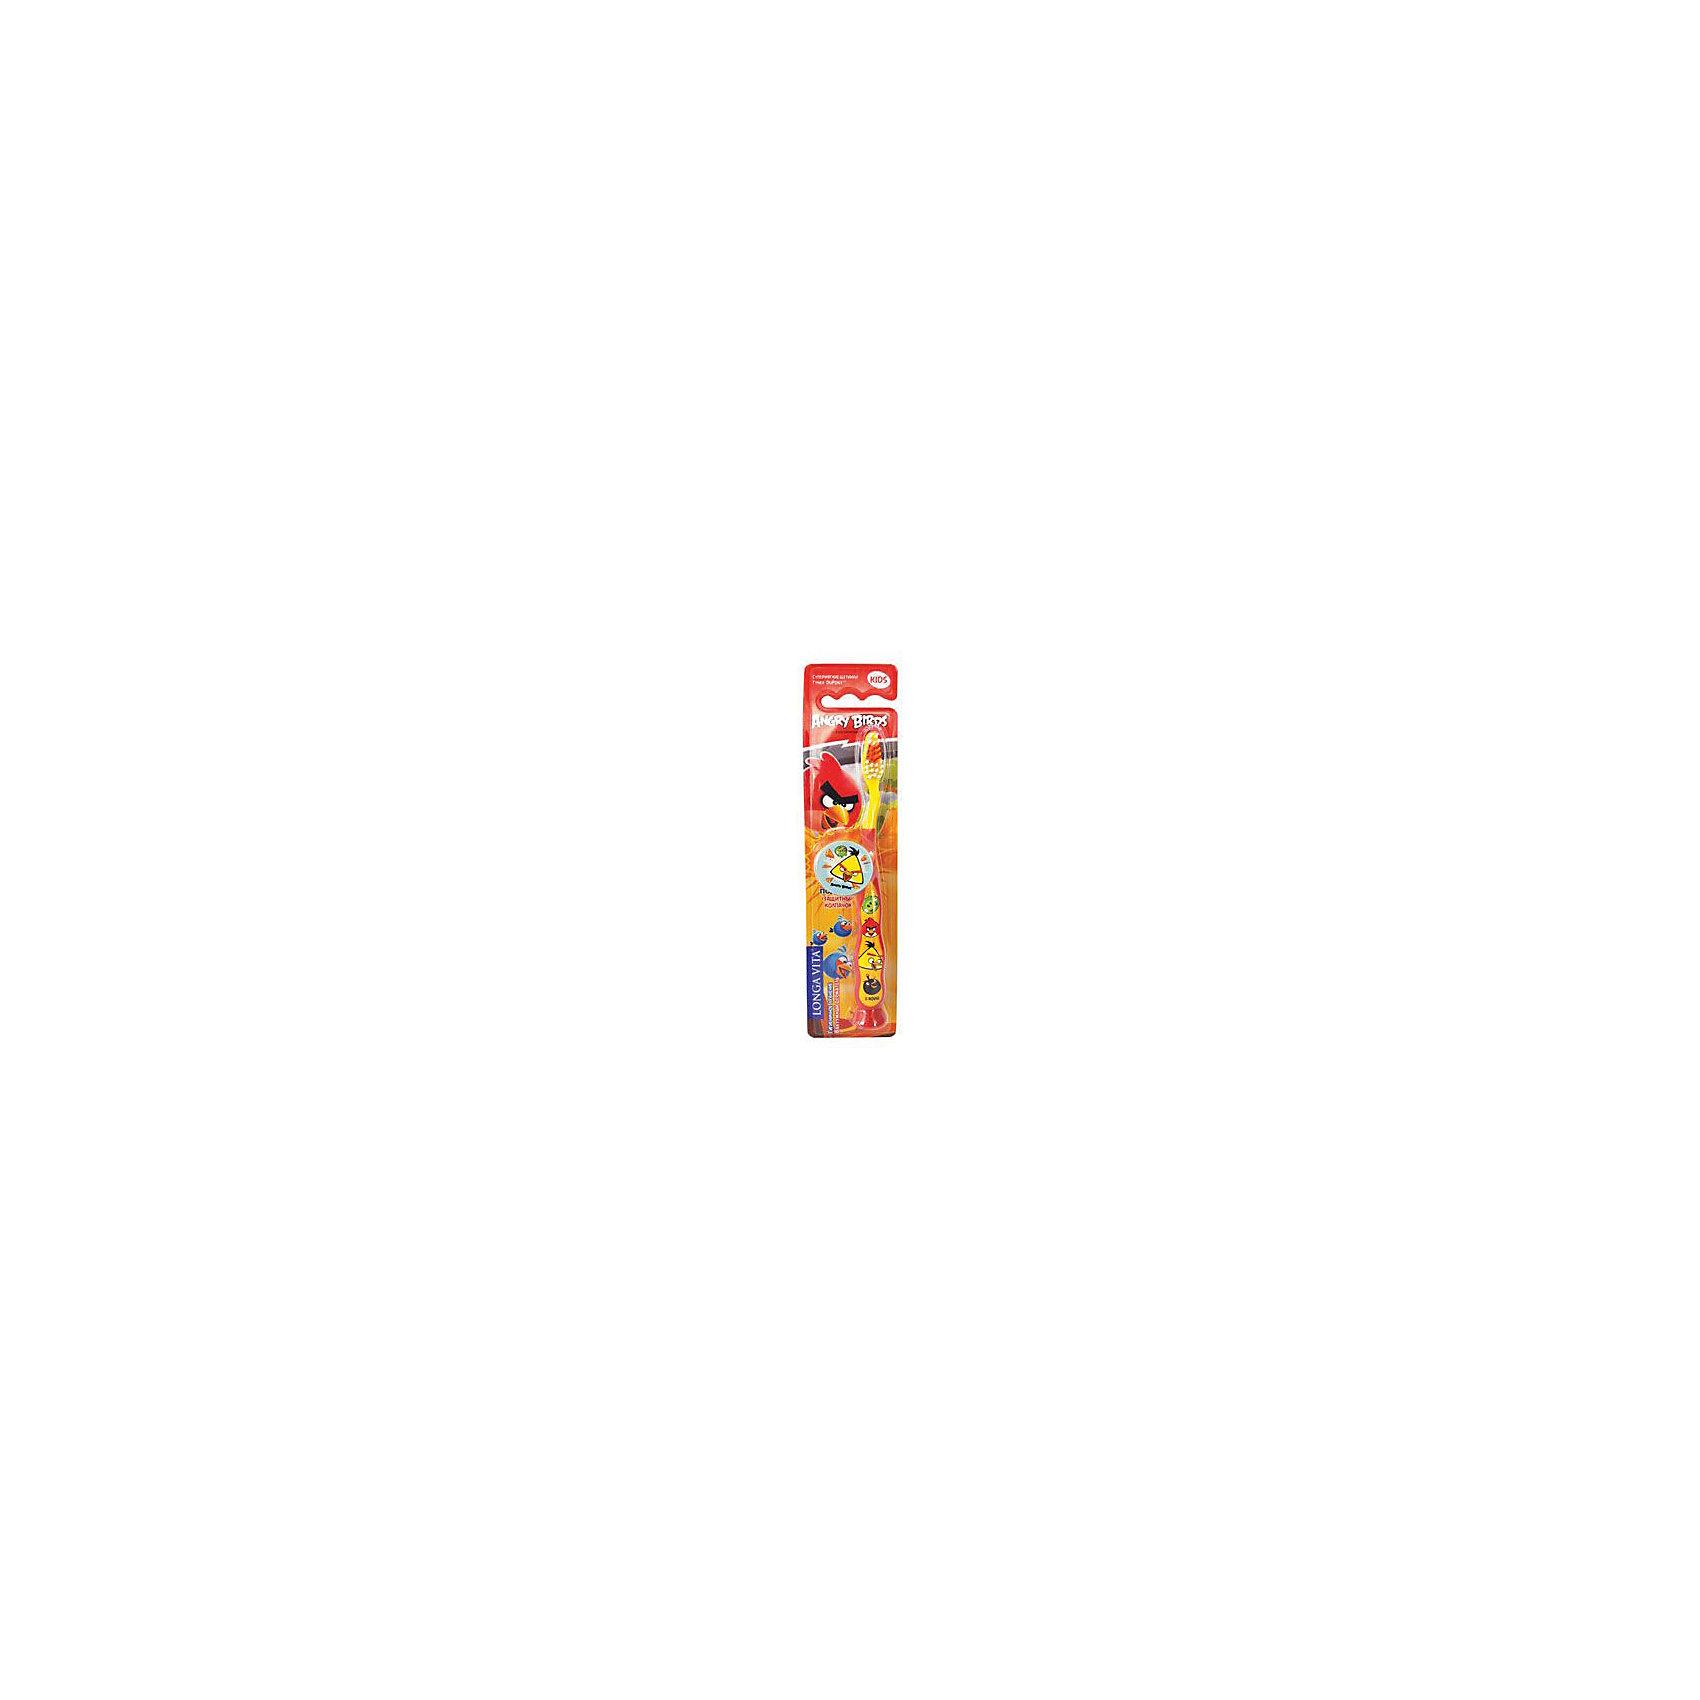 Детская зубная щетка с защитным колпачком, Angry Birds, LONGA VITA, красныйДетская зубная щетка с защитным колпачком, Angry Birds, LONGA VITA (Лонга Вита), красная.  <br><br>Характеристика:<br><br>• Материал: пластик, нейлон.<br>• Размер упаковки: 23х6х2 см. <br>• Жесткость щетины: мягкая. <br>• Удобная подставка-присоска.<br>• Эргономичная ручка<br>• Защитный колпачок в комплекте. <br>• Яркий привлекательный дизайн. <br><br>Яркая зубная щетка с веселыми Angry Birds (Энгри Бердс) приведет в восторг любого ребенка! Щетка прекрасно удаляет зубной налет, очень маневренная, оснащена удобной подставкой-присоской. Благодаря мягкой щетине, не травмирует нежные детские десны. Защитный колпачок убережет щетку от загрязнения и распространения бактерий, удобная эргономичная ручка препятствует выскальзыванию. Привлекательный дизайн и изображения любимых героев сделают процесс чистки зубов увлекательным и веселым! <br><br>Детскую зубную щетку с защитным колпачком, Angry Birds, LONGA VITA (Лонга Вита), красную, можно купить в нашем магазине.<br><br>Ширина мм: 20<br>Глубина мм: 25<br>Высота мм: 160<br>Вес г: 40<br>Возраст от месяцев: 36<br>Возраст до месяцев: 72<br>Пол: Унисекс<br>Возраст: Детский<br>SKU: 5130699